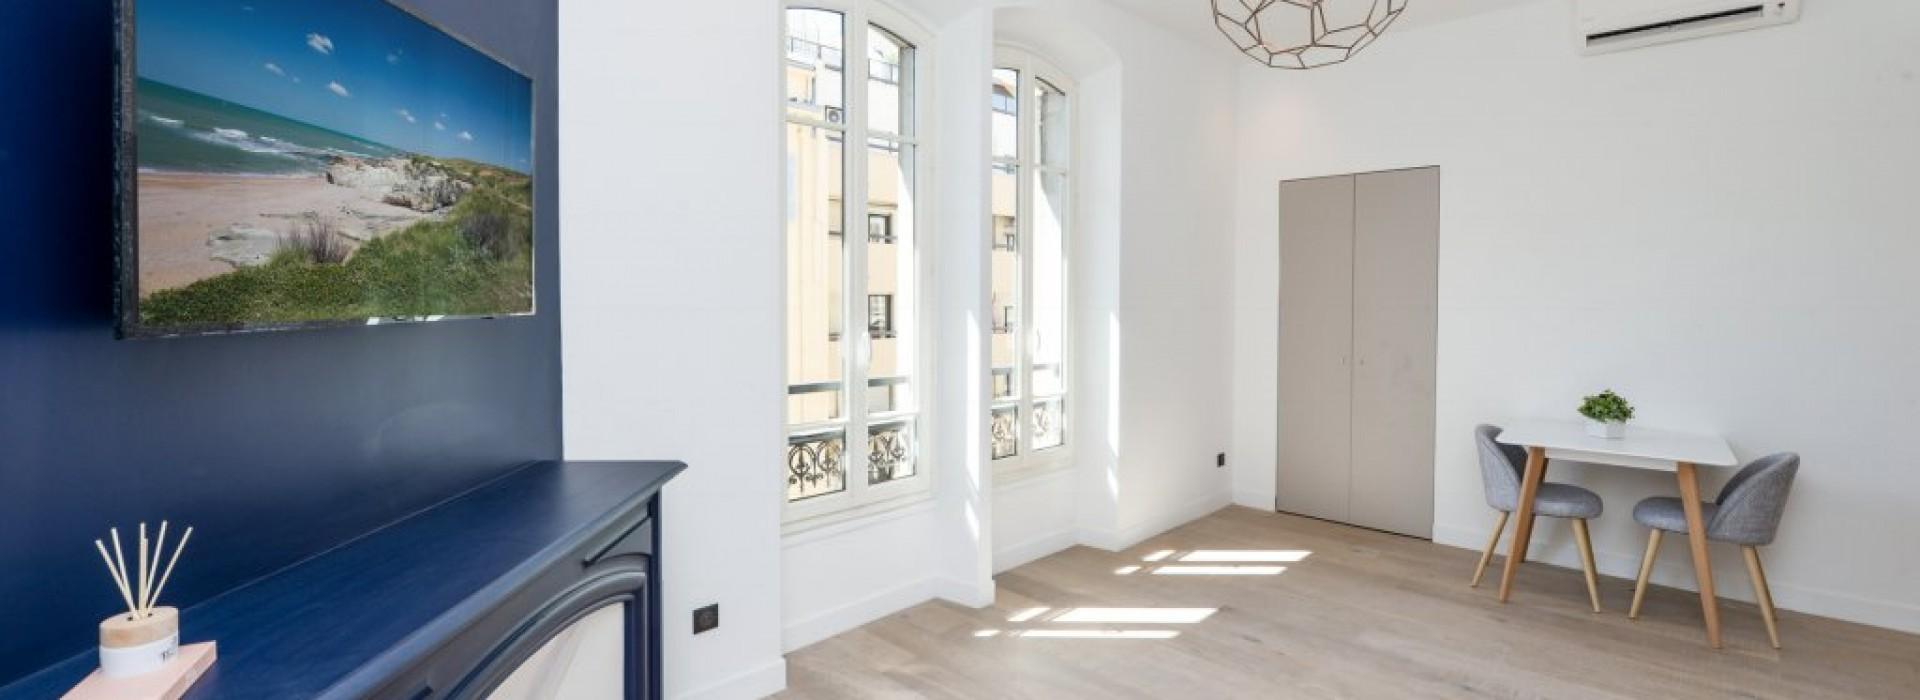 Appartement Nice 2 Pièces 30m2 275,000€